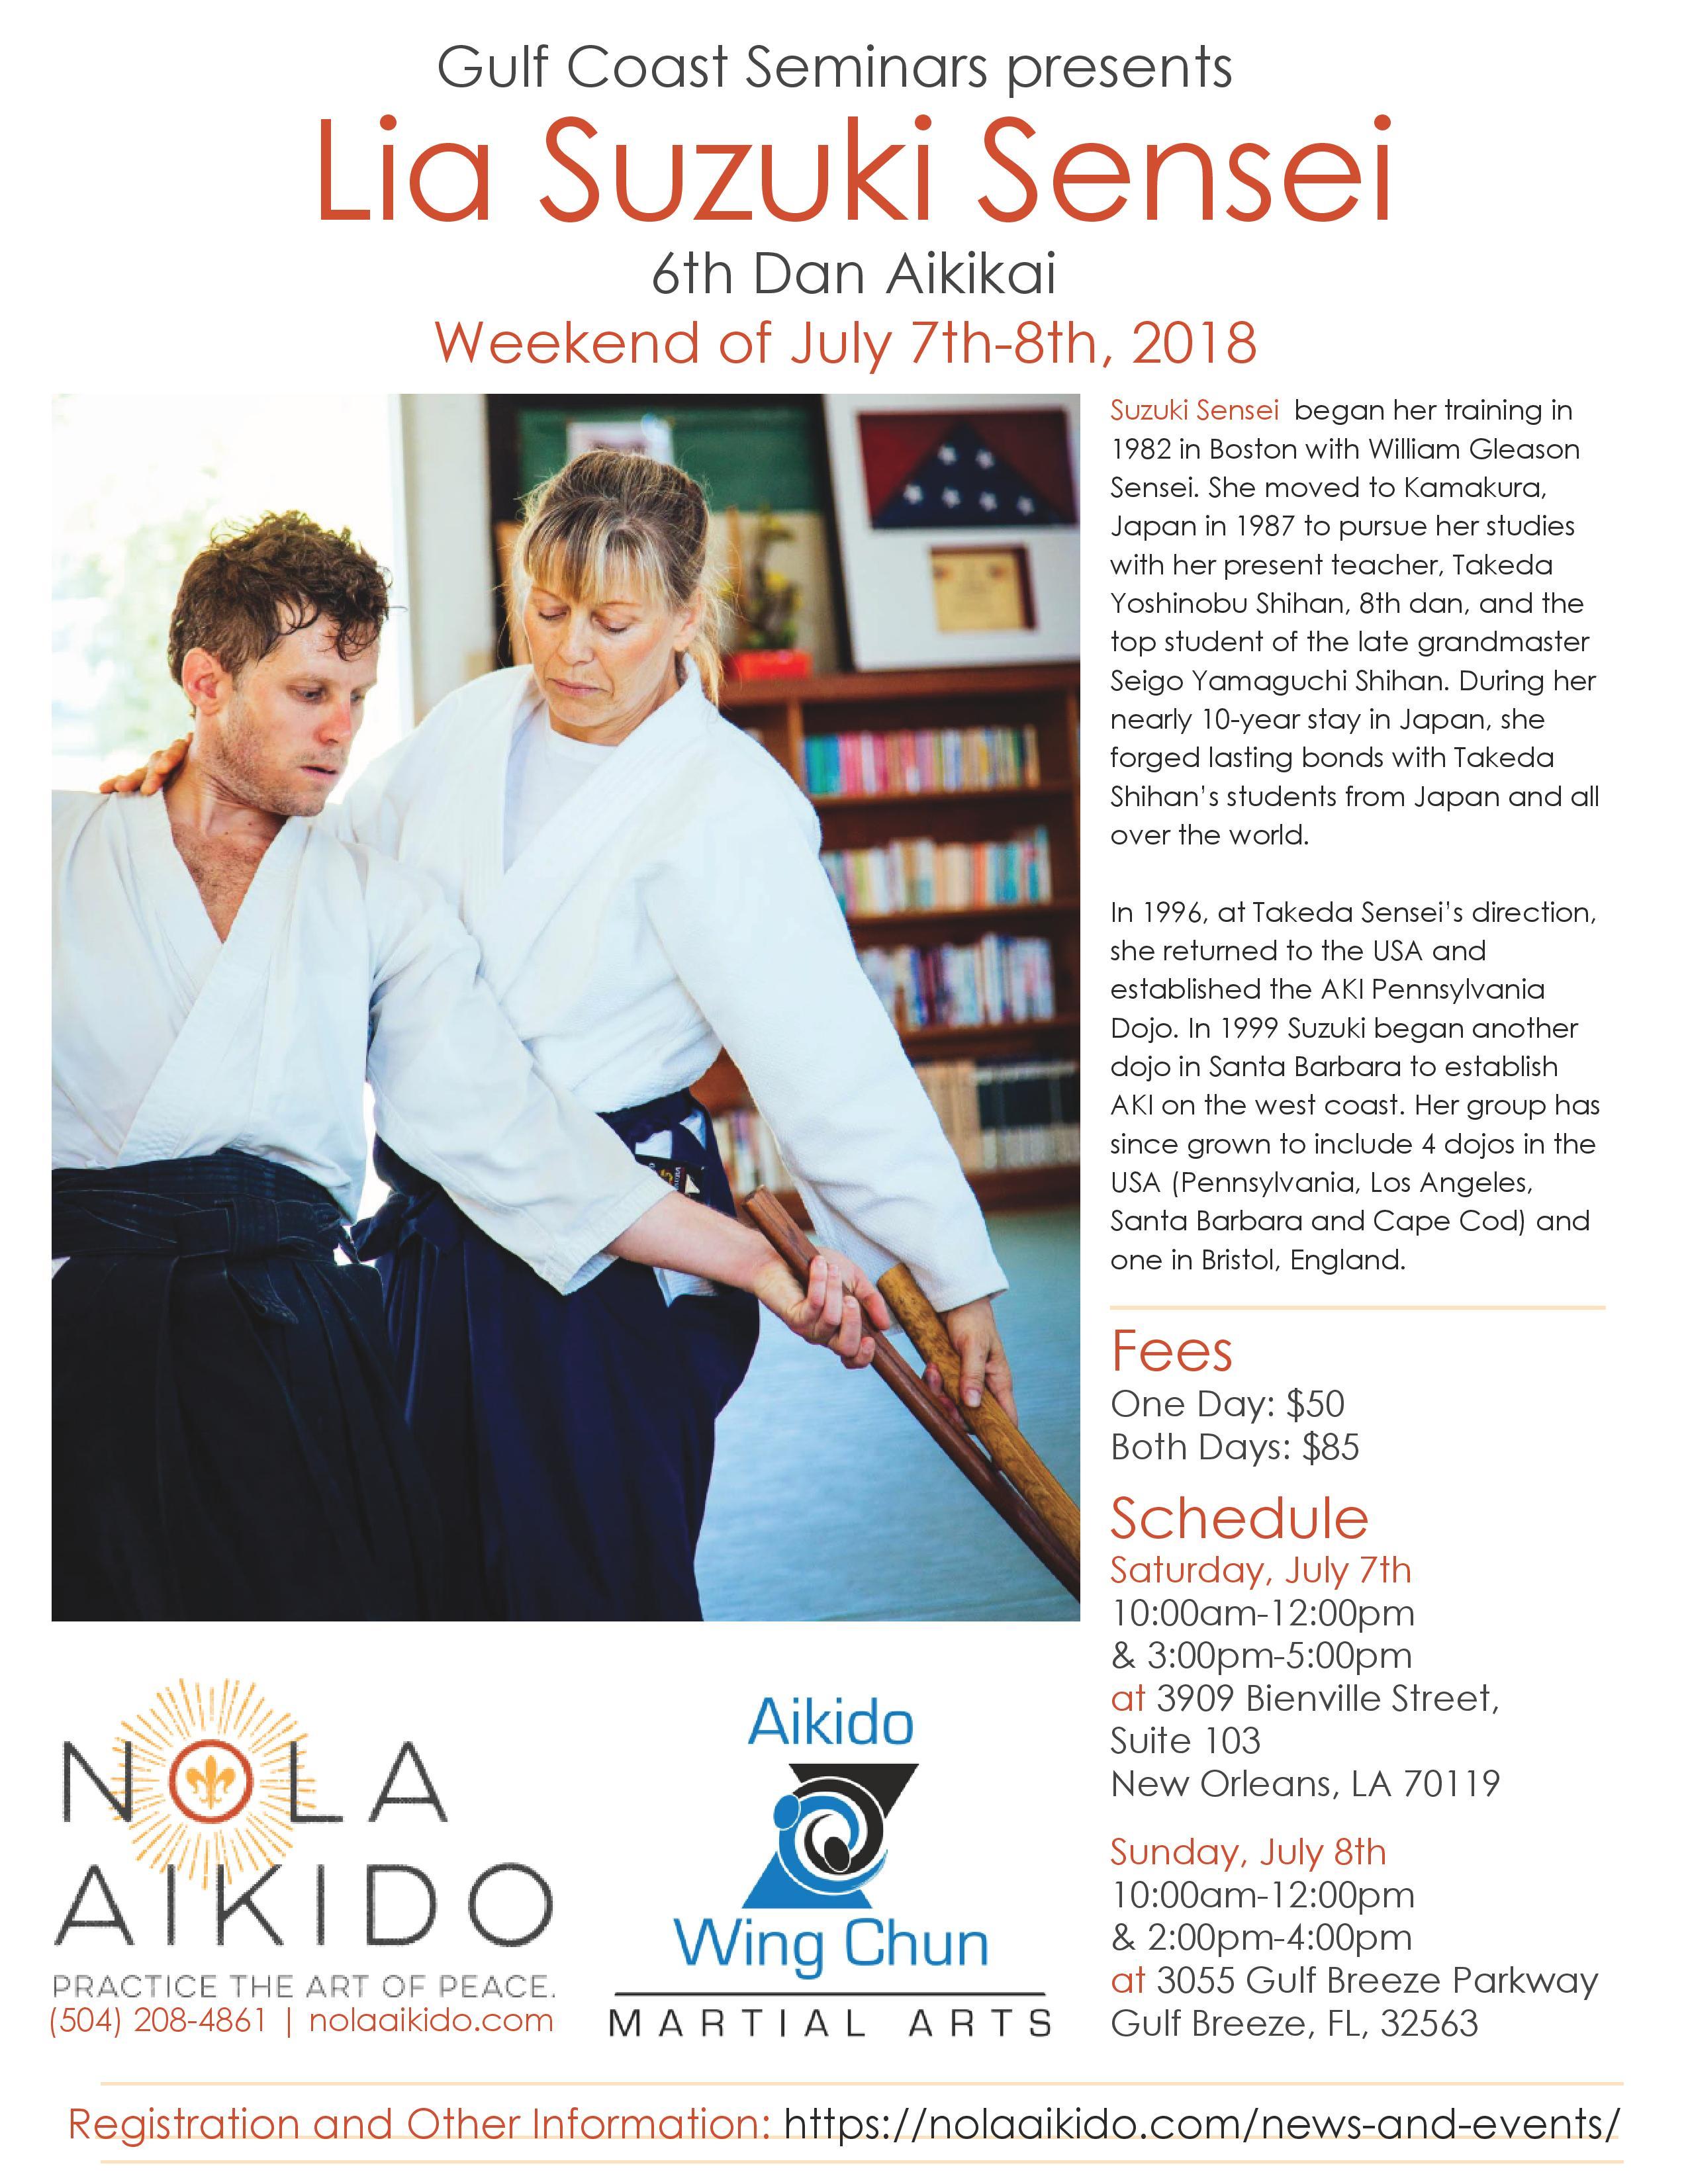 Lia Suzuki Sensei Seminars at NOLA Aikido and Gulf Breeze